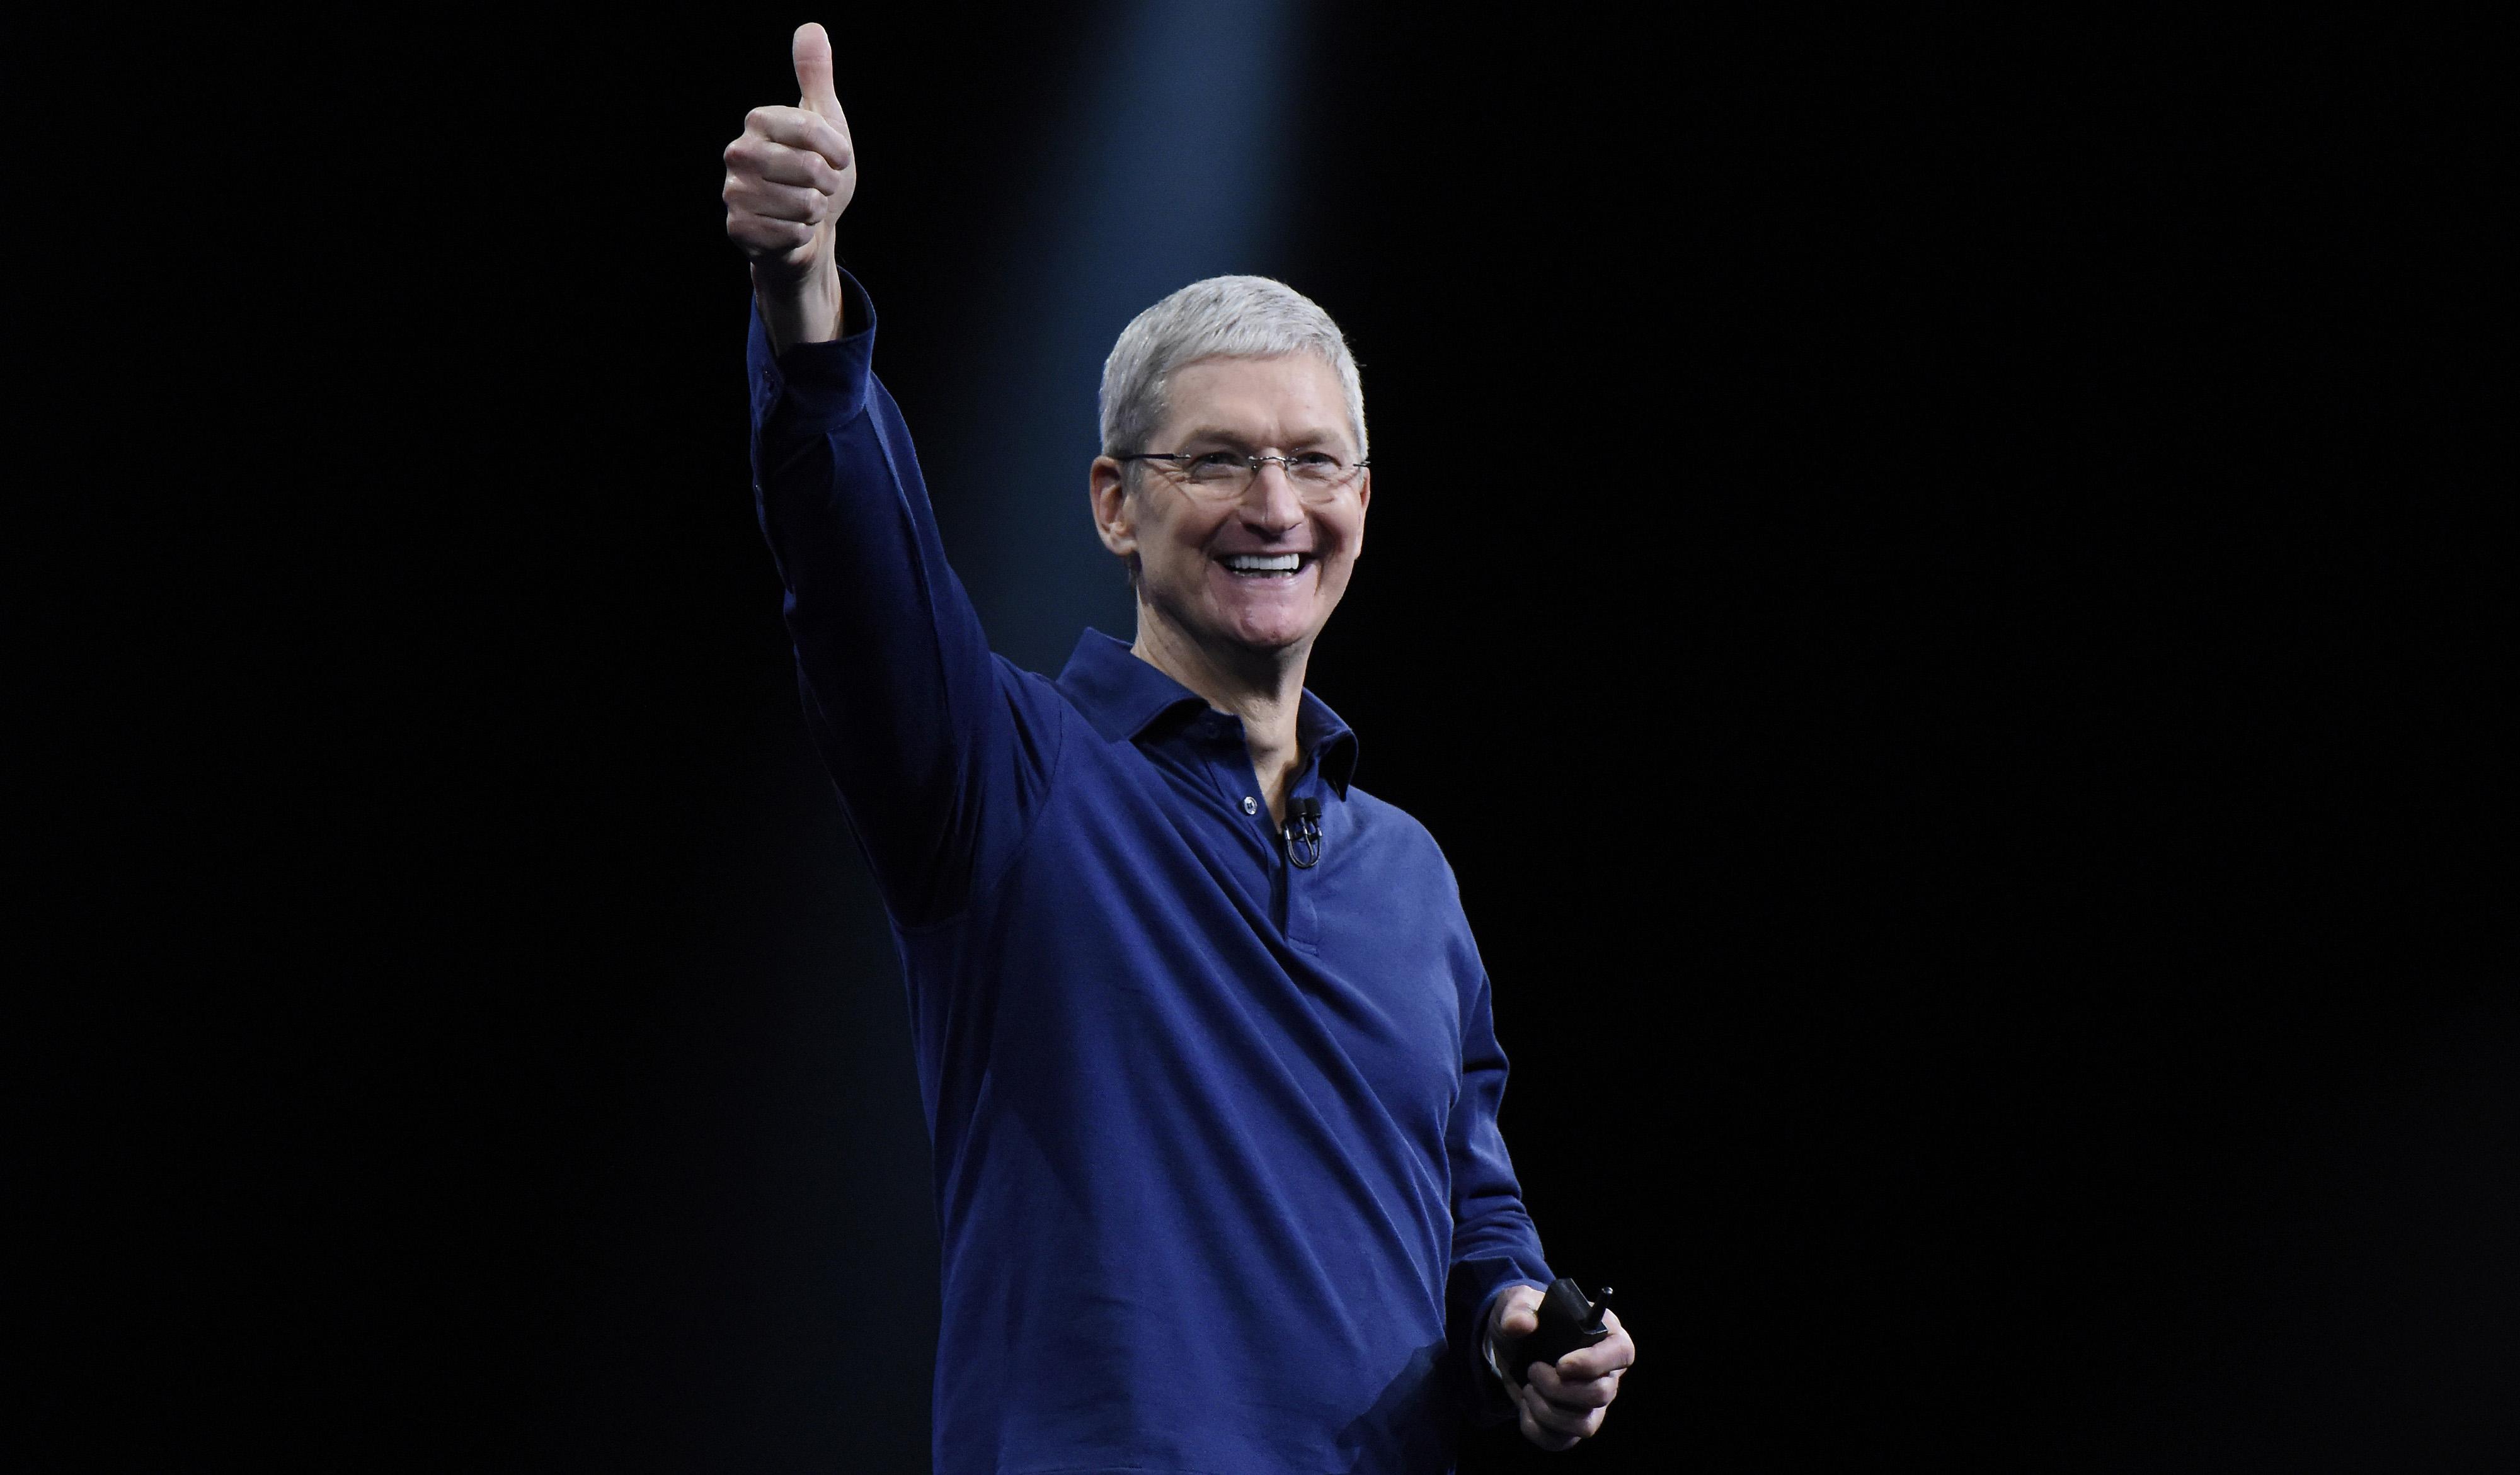 Недавнее кадровое приобретение Apple проливает свет на будущие продукты компании